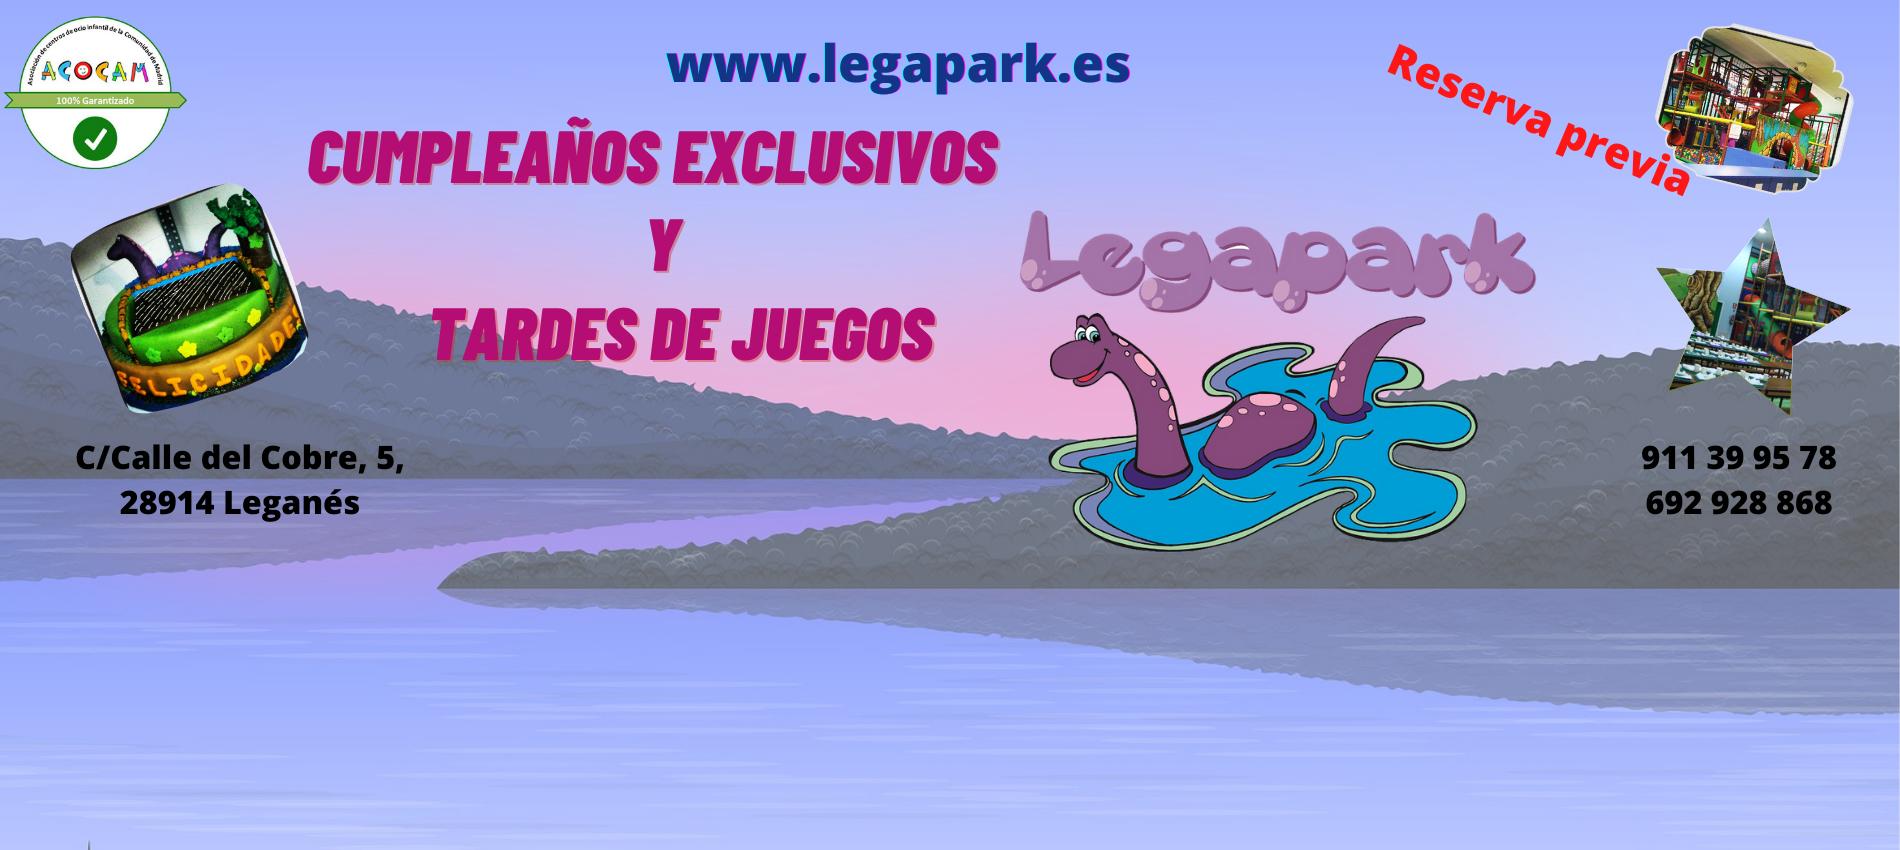 legapark-slider-1-1